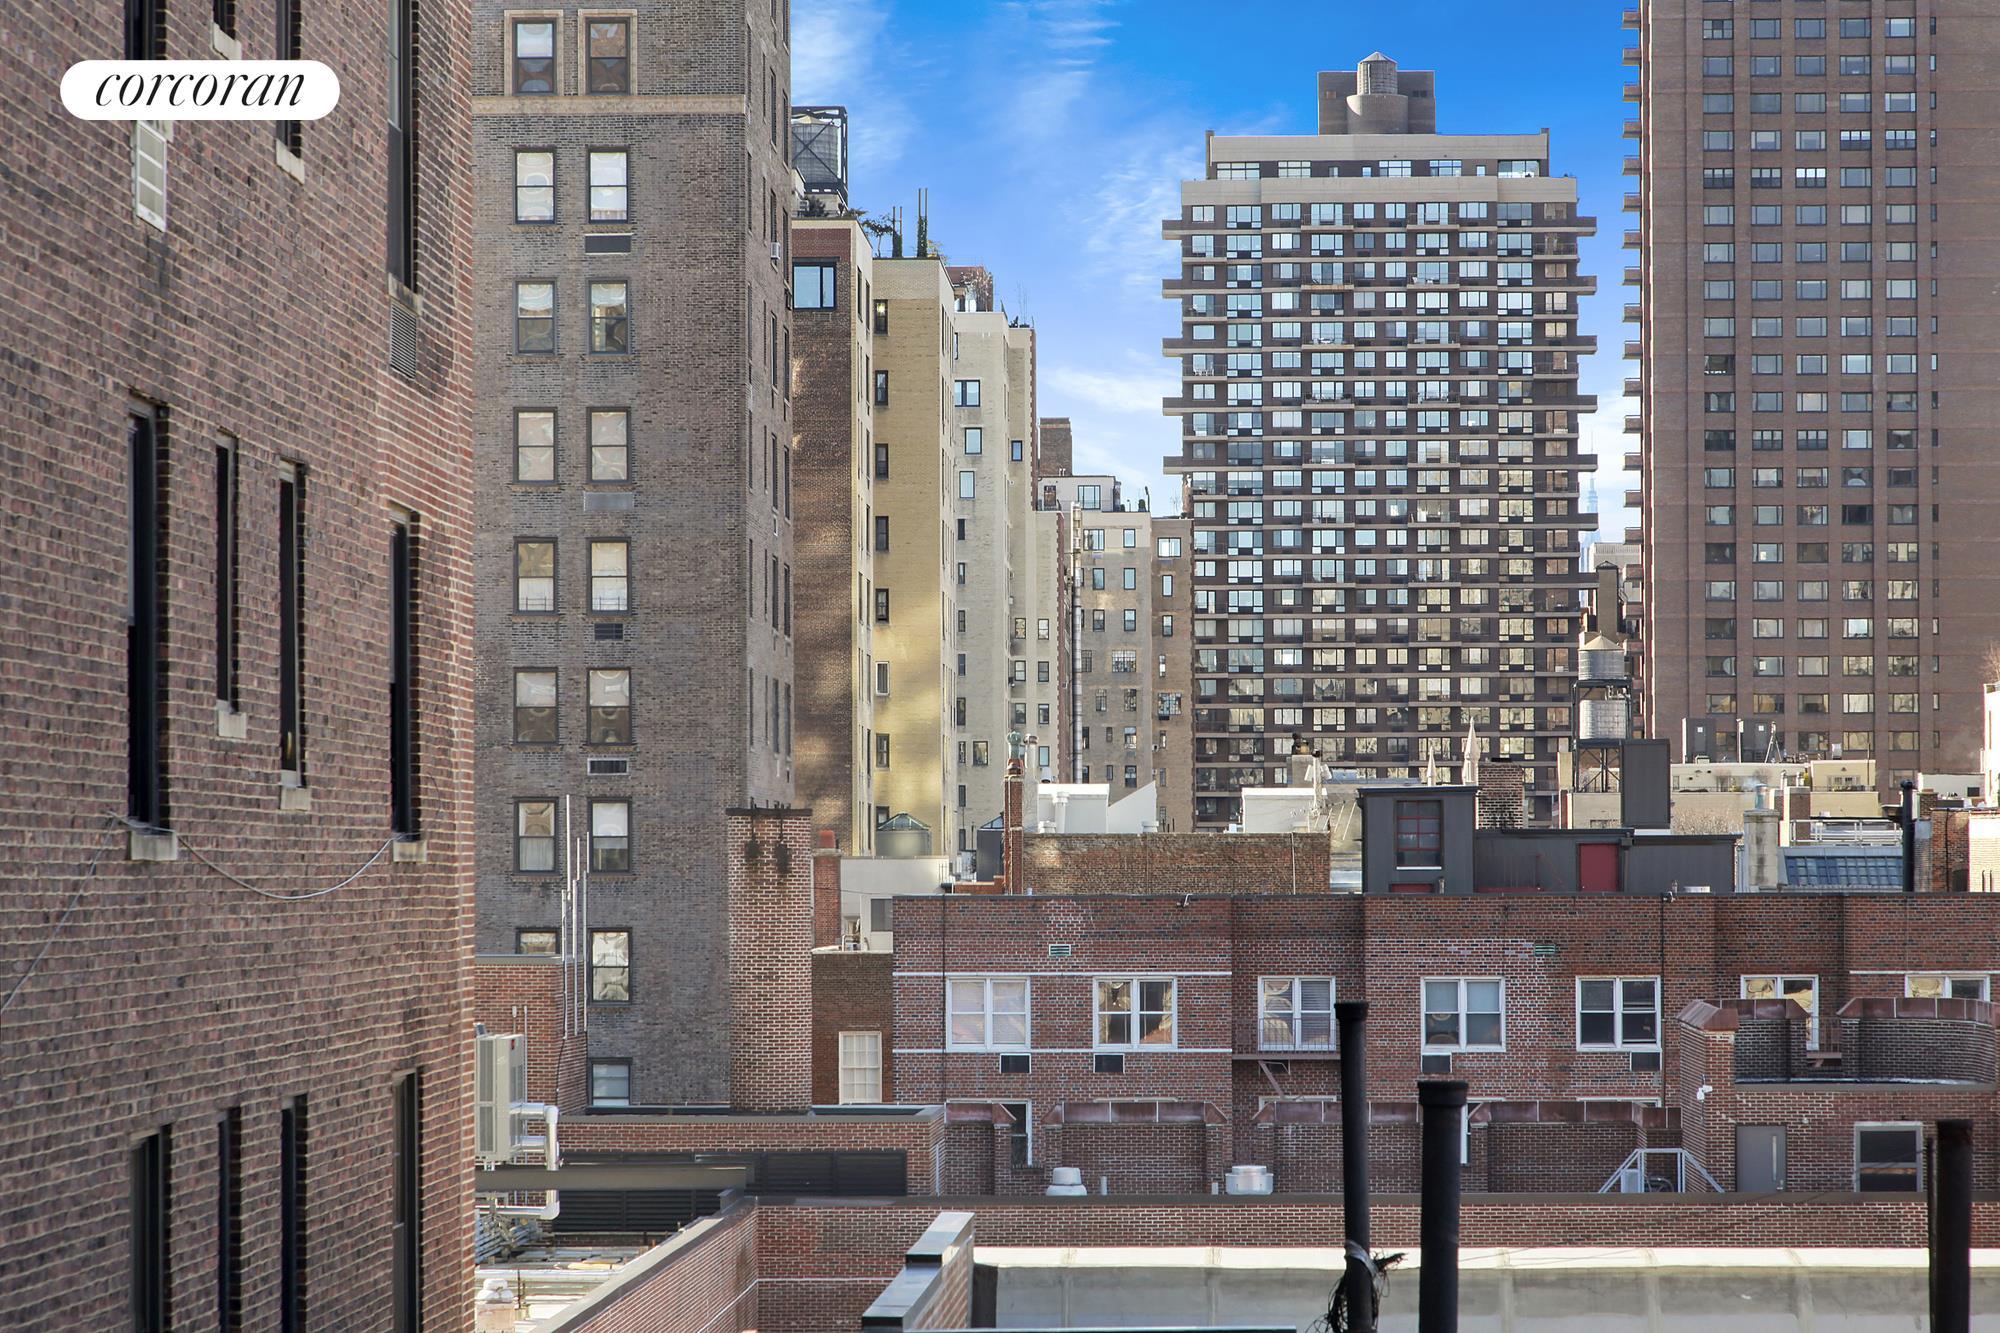 Corcoran 70 East 96th Street Apt 10c Carnegie Hill